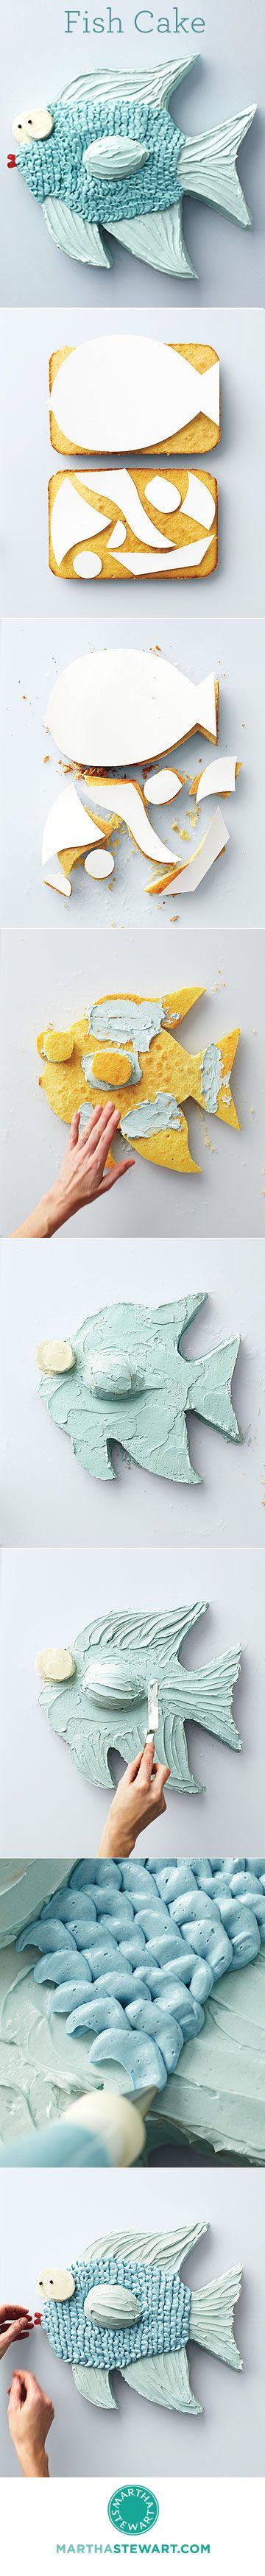 #DIY #Tutorial Fish #Cake  Para hacer un pastel en forma de mariposa y con mus de chocolate blanco y con leche